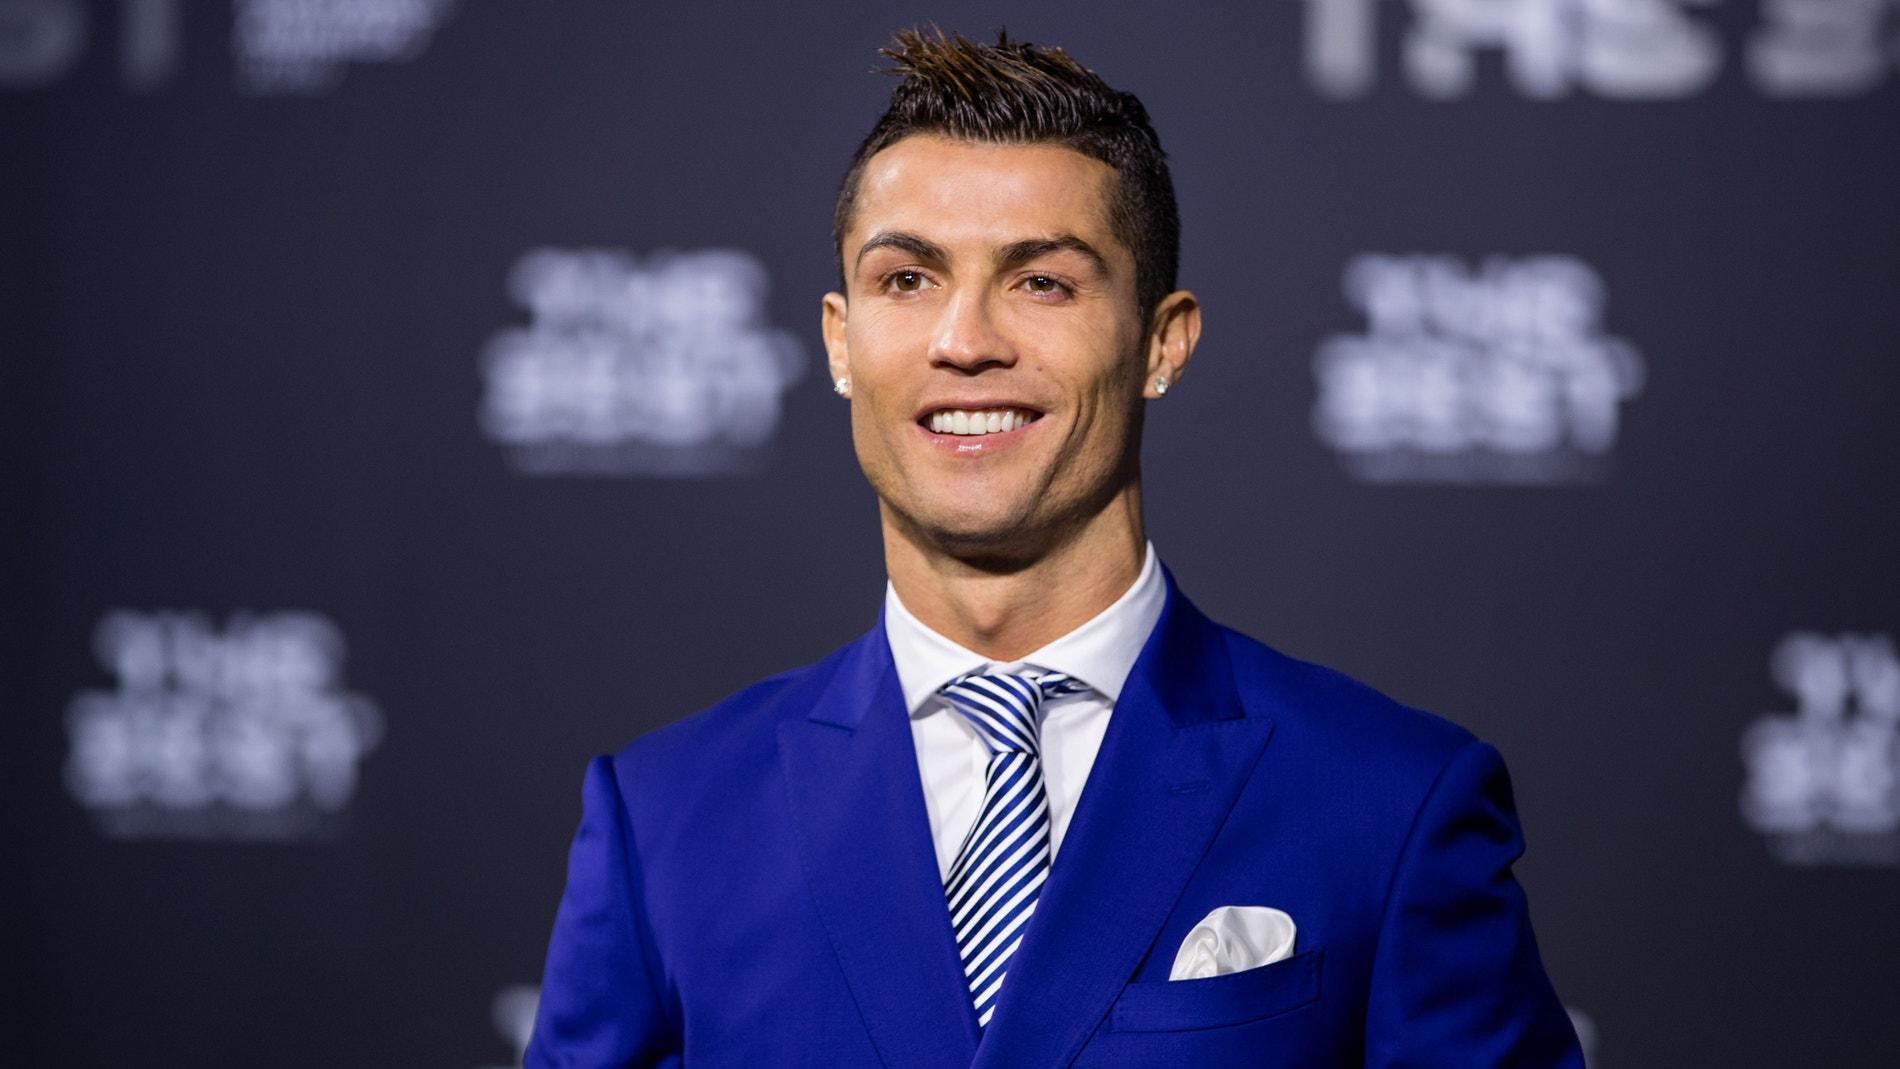 Cristiano Ronaldo posando en los premios 'The Best'